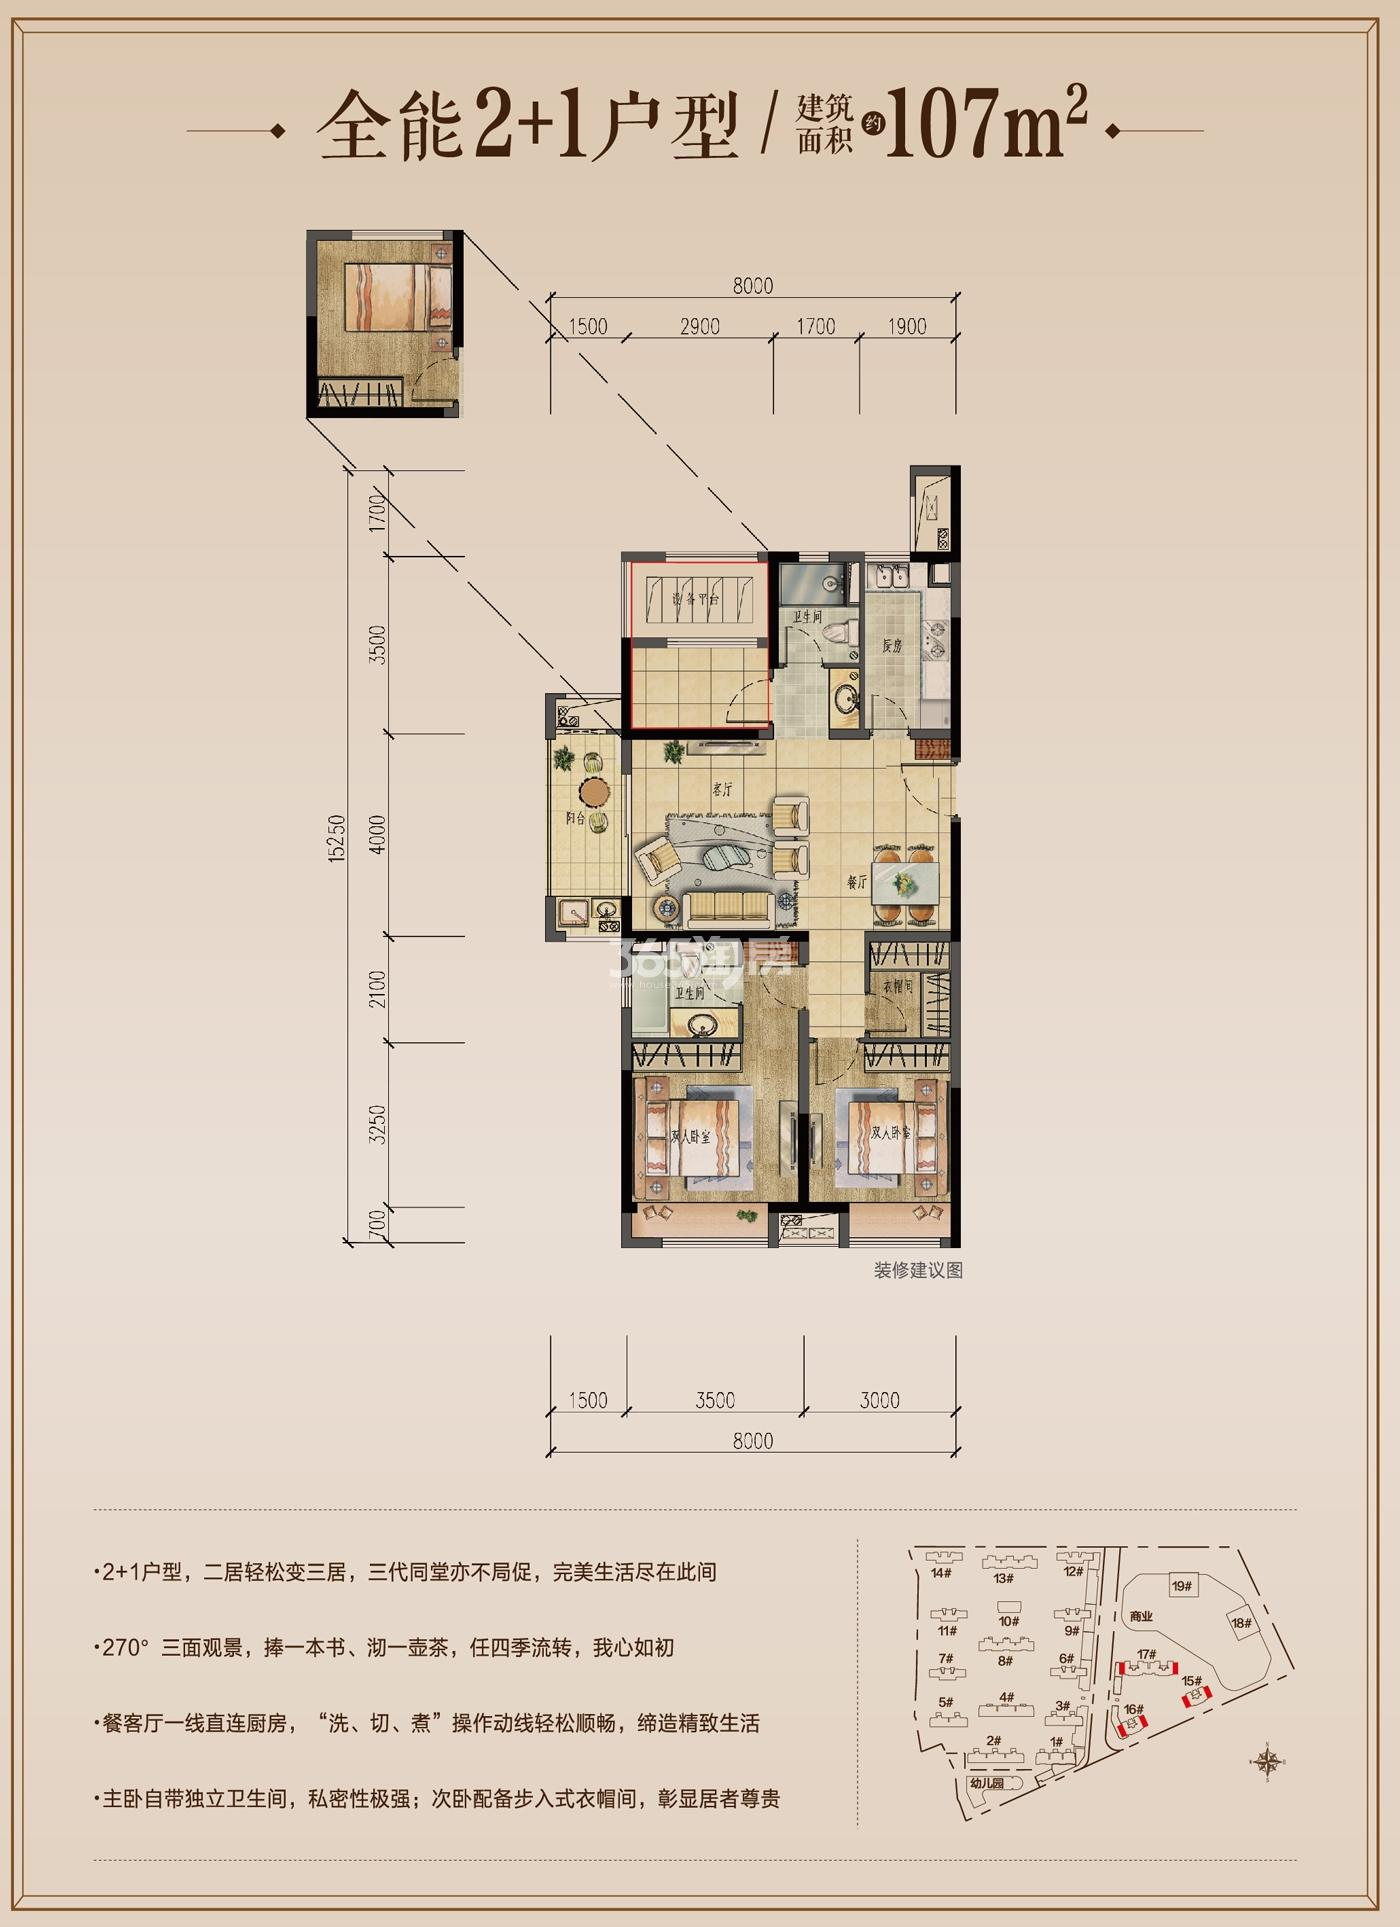 临安宝龙广场107㎡户型图(15-17#边套)